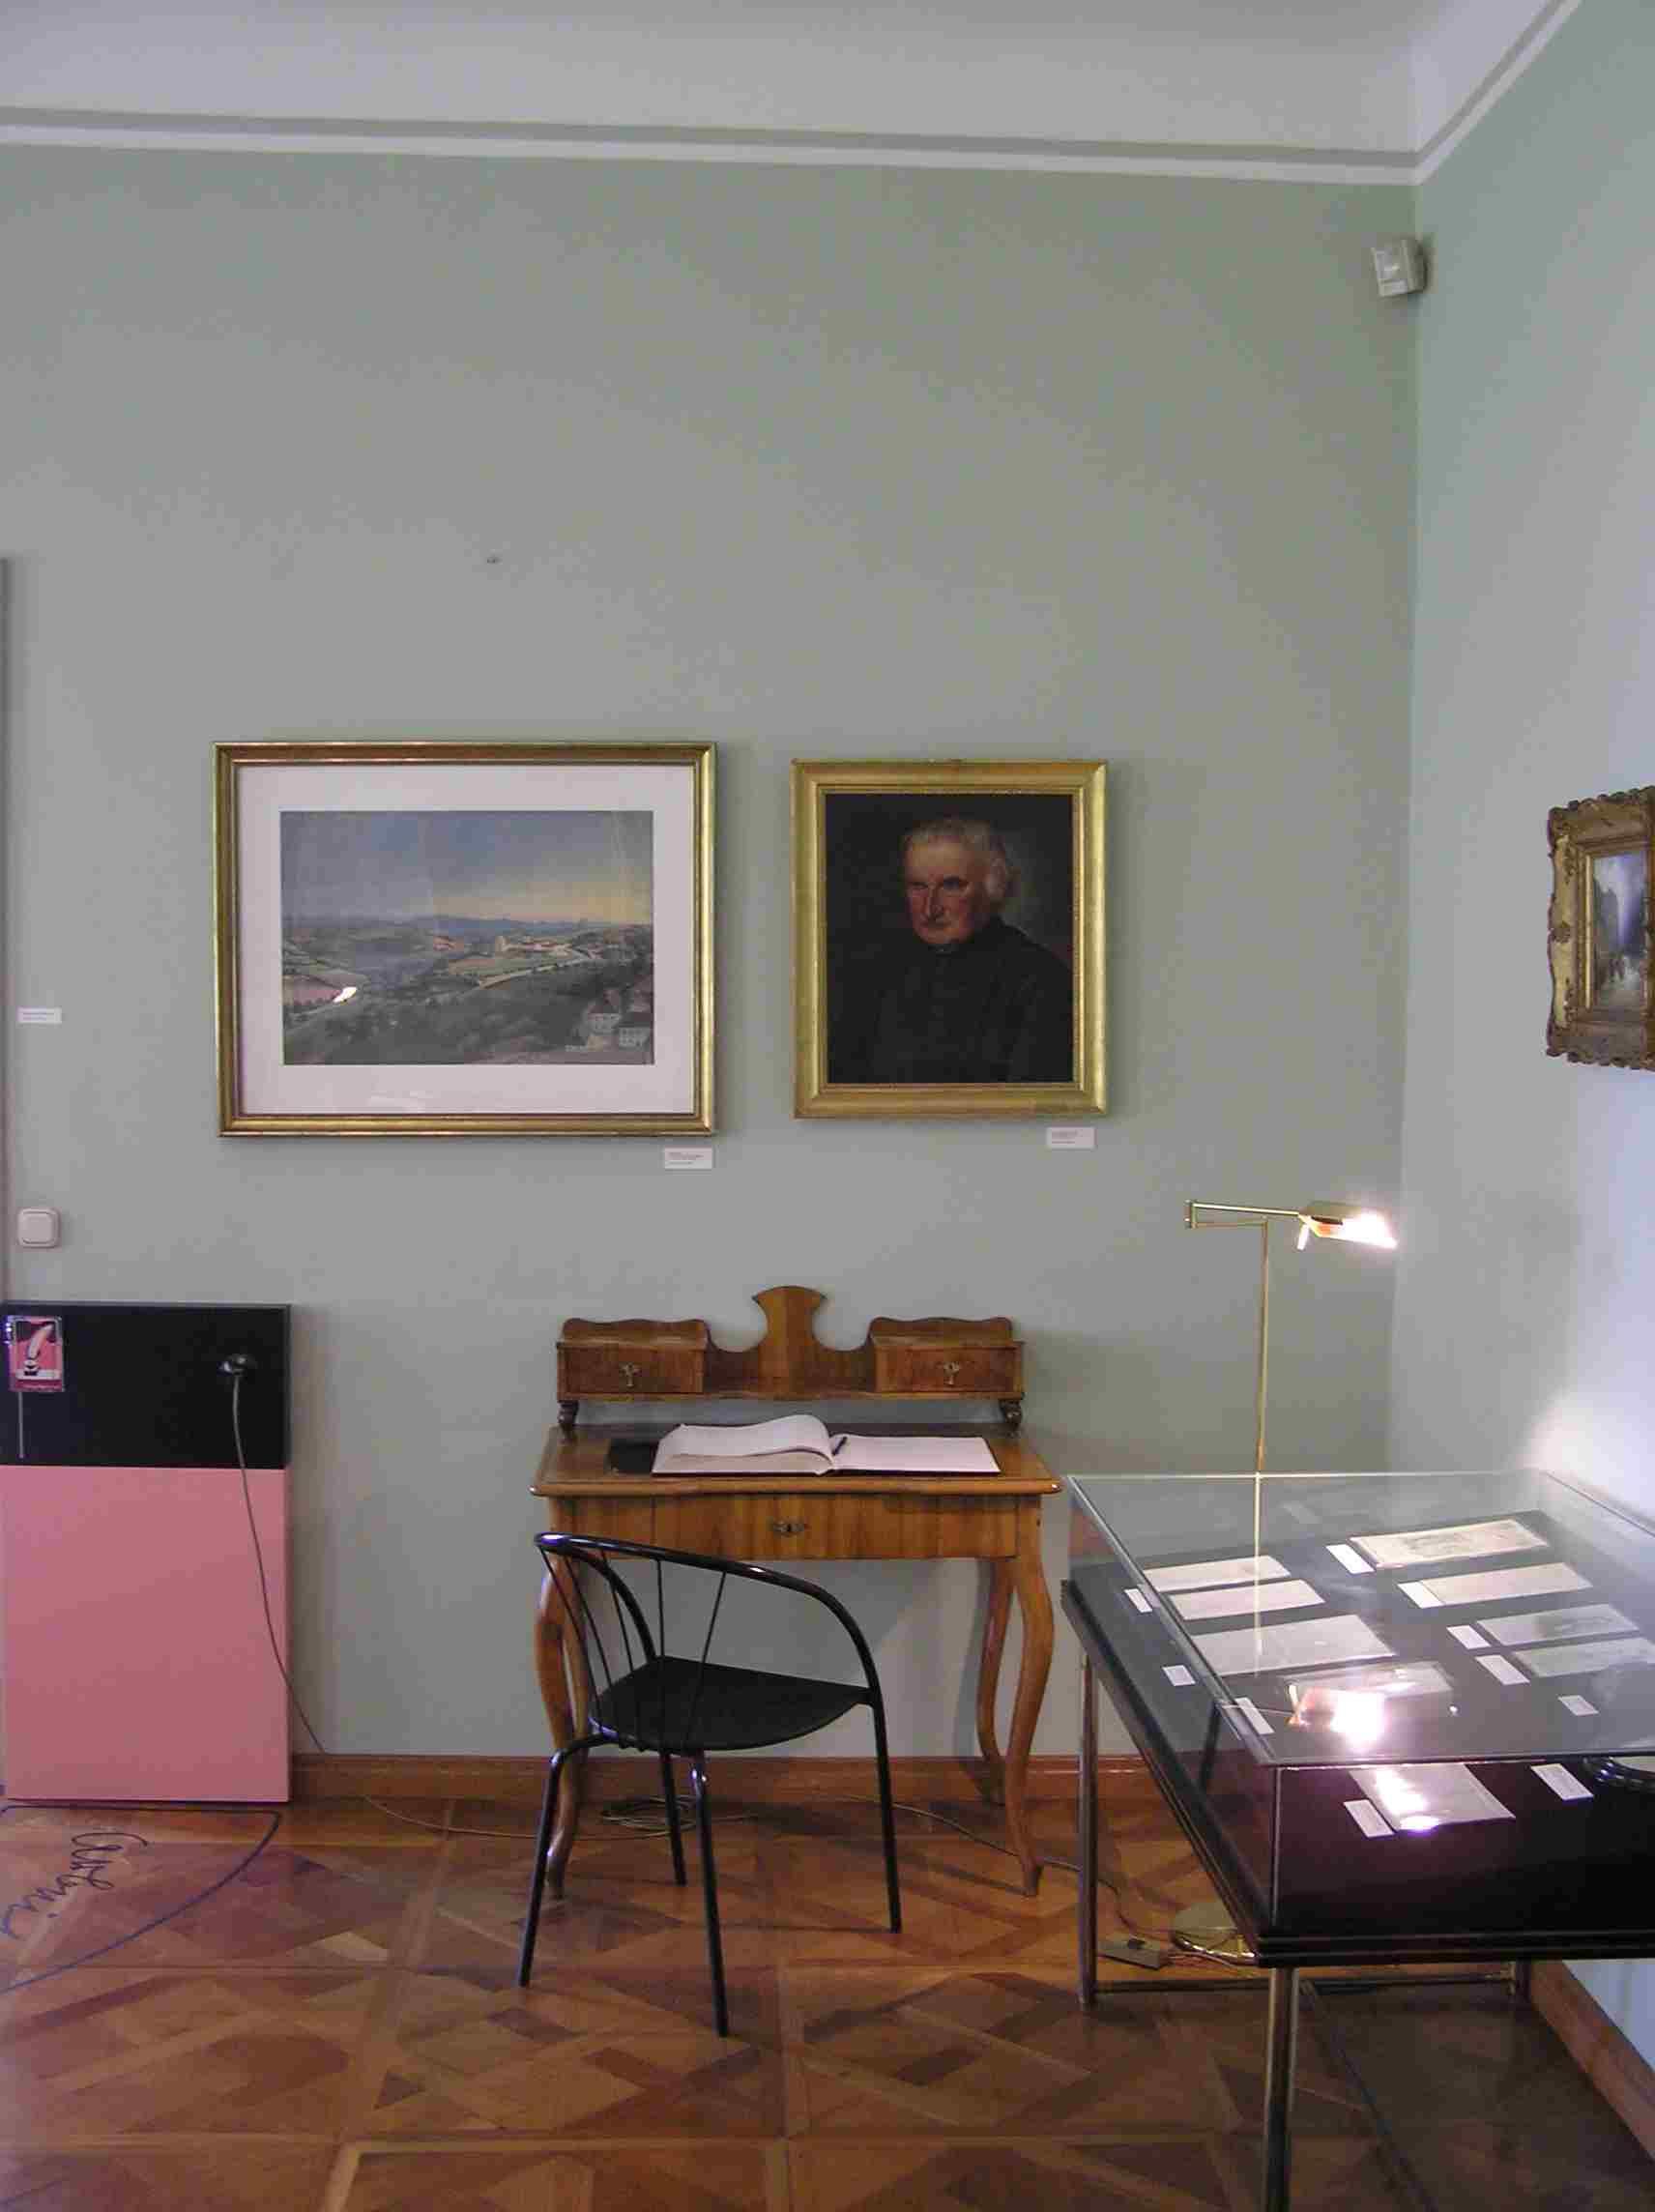 Obr. 12: Ve Stifterově domě je Stifterovi jedna z místností také věnována; k vidění tu jsou třeba obrazy, které sám nakreslil.